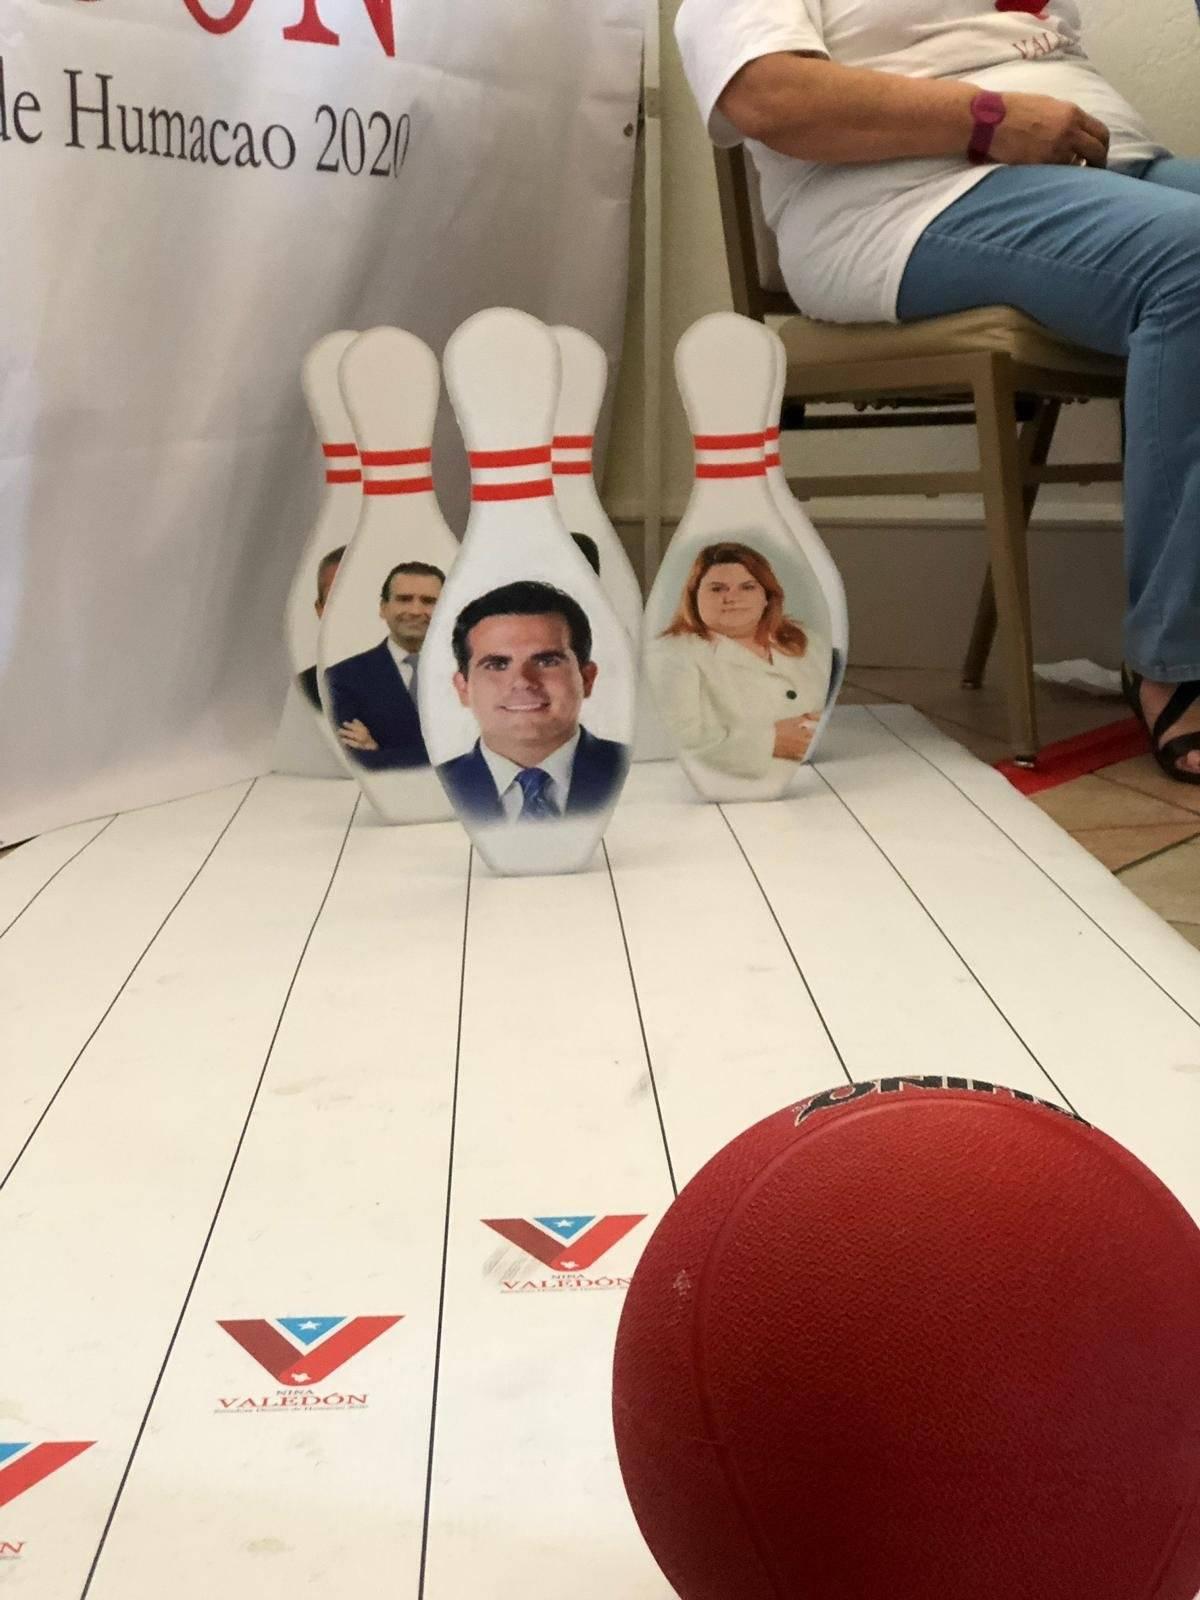 Foto: En la Asamblea General del PPD, los presentes juegan bolos con las caras de líderes del PNP/Ronald Ávila Claudio/Metro PR